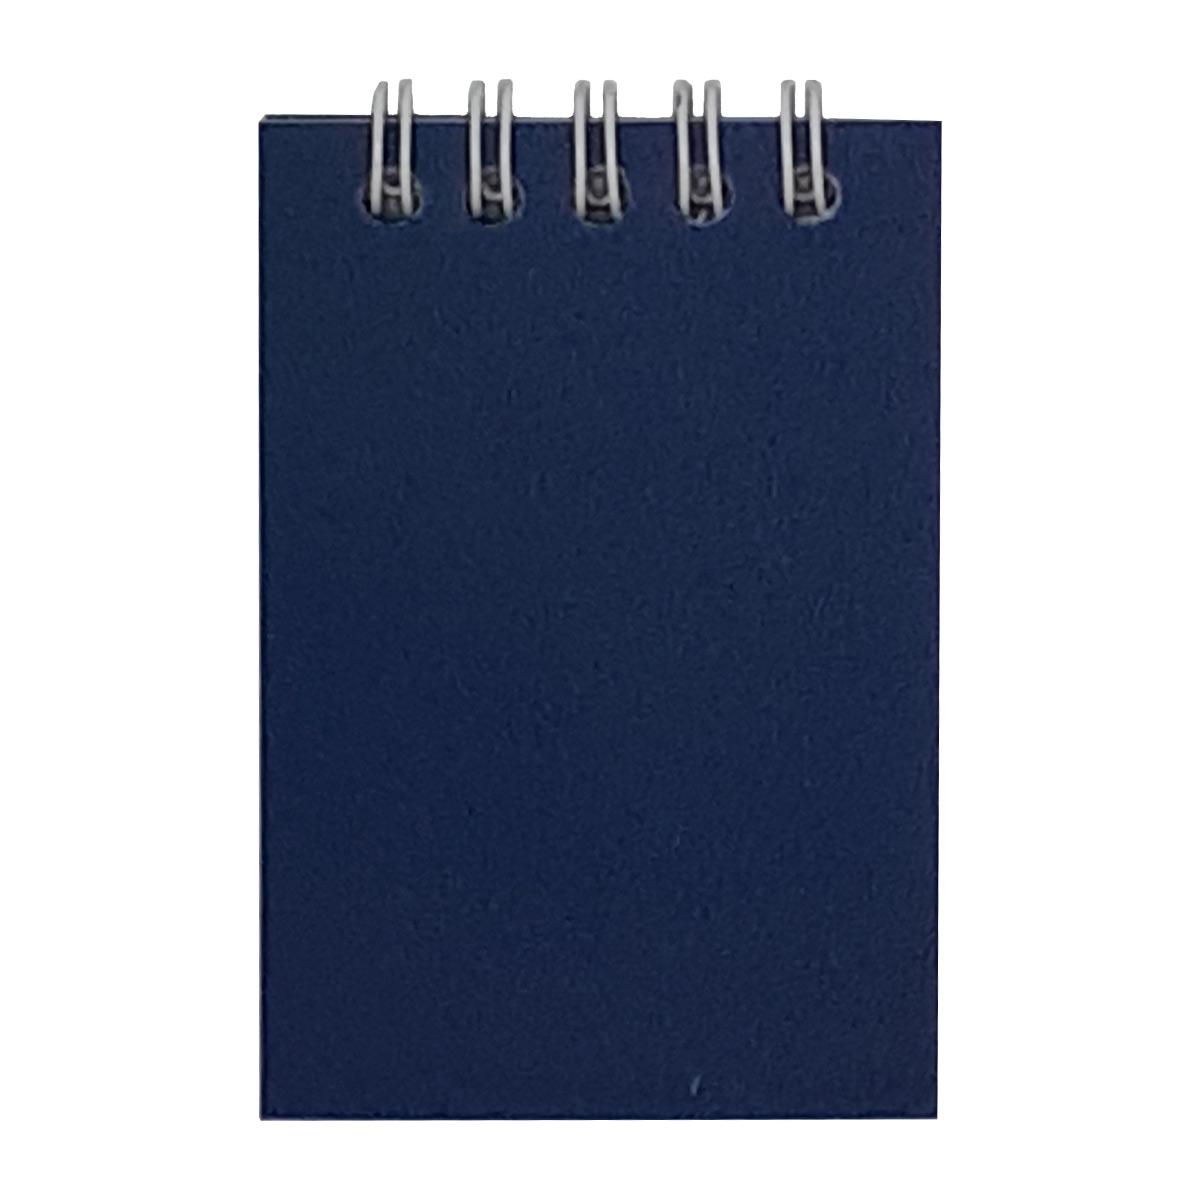 دفترچه یادداشت 60 برگ الماس مدل B-SD-T5 main 1 1